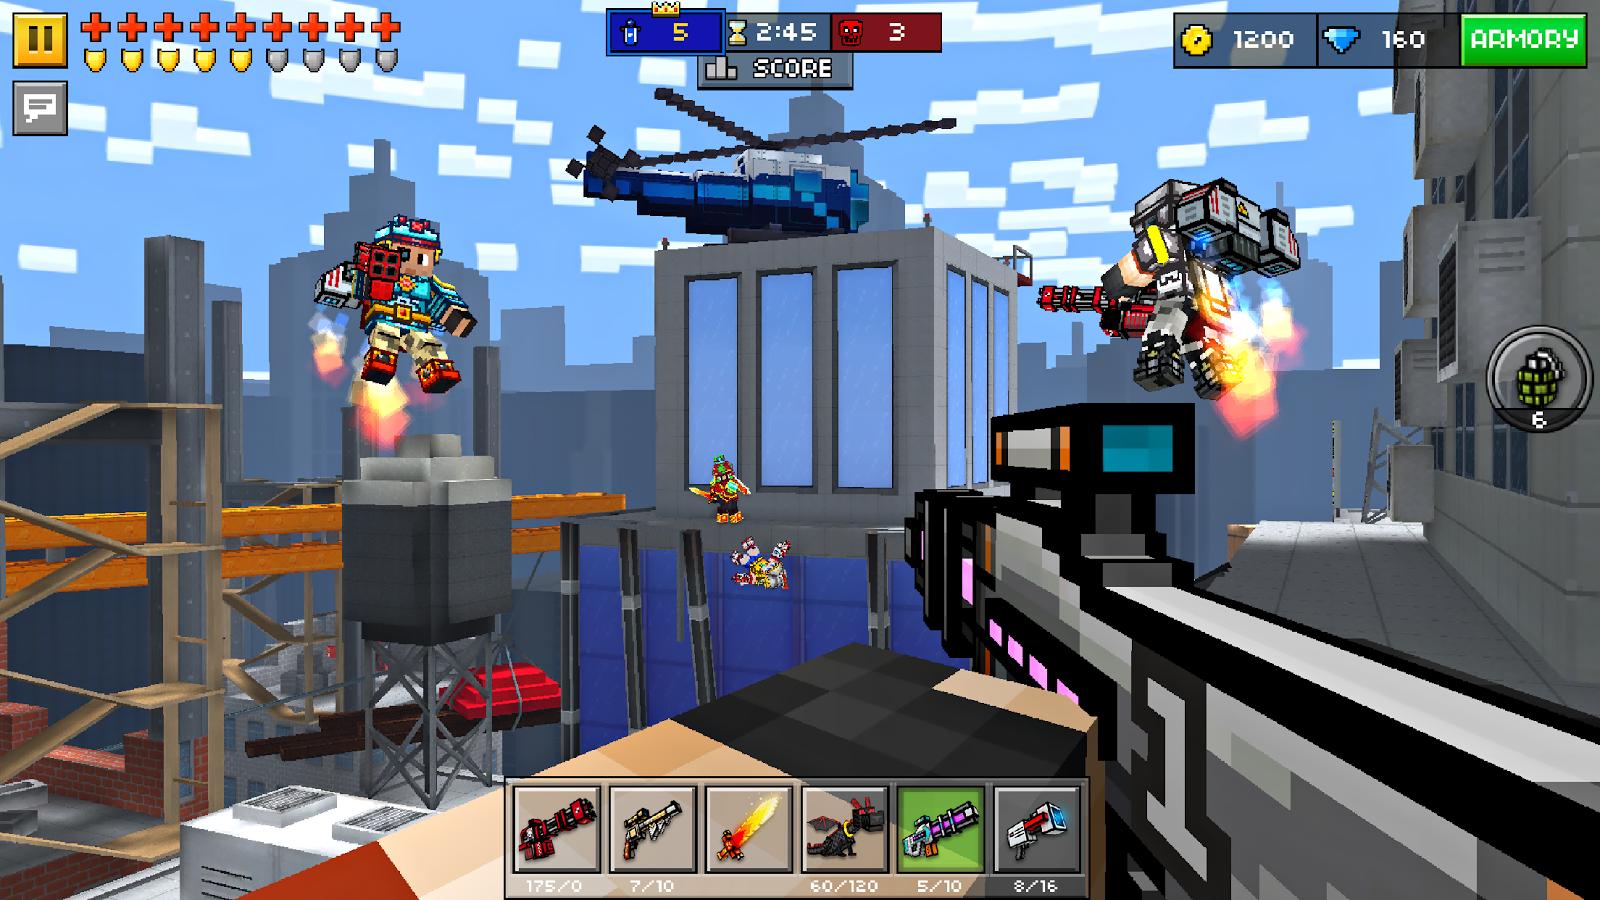 Pixel gun 3d взлом на свободные покупки для андроид.